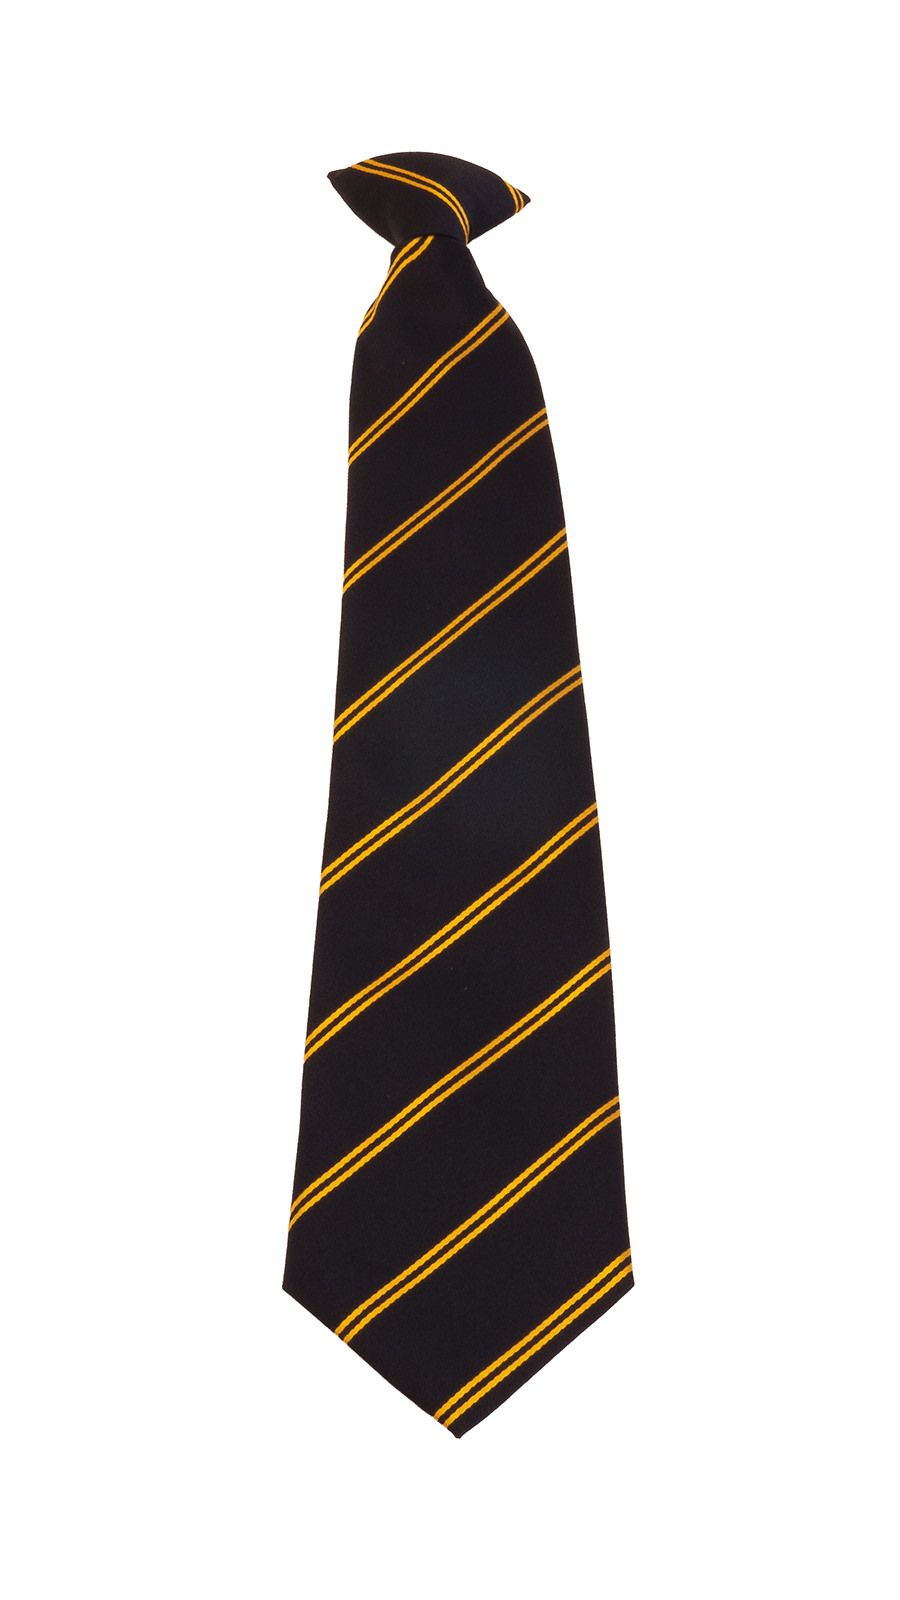 Castle School striped tie